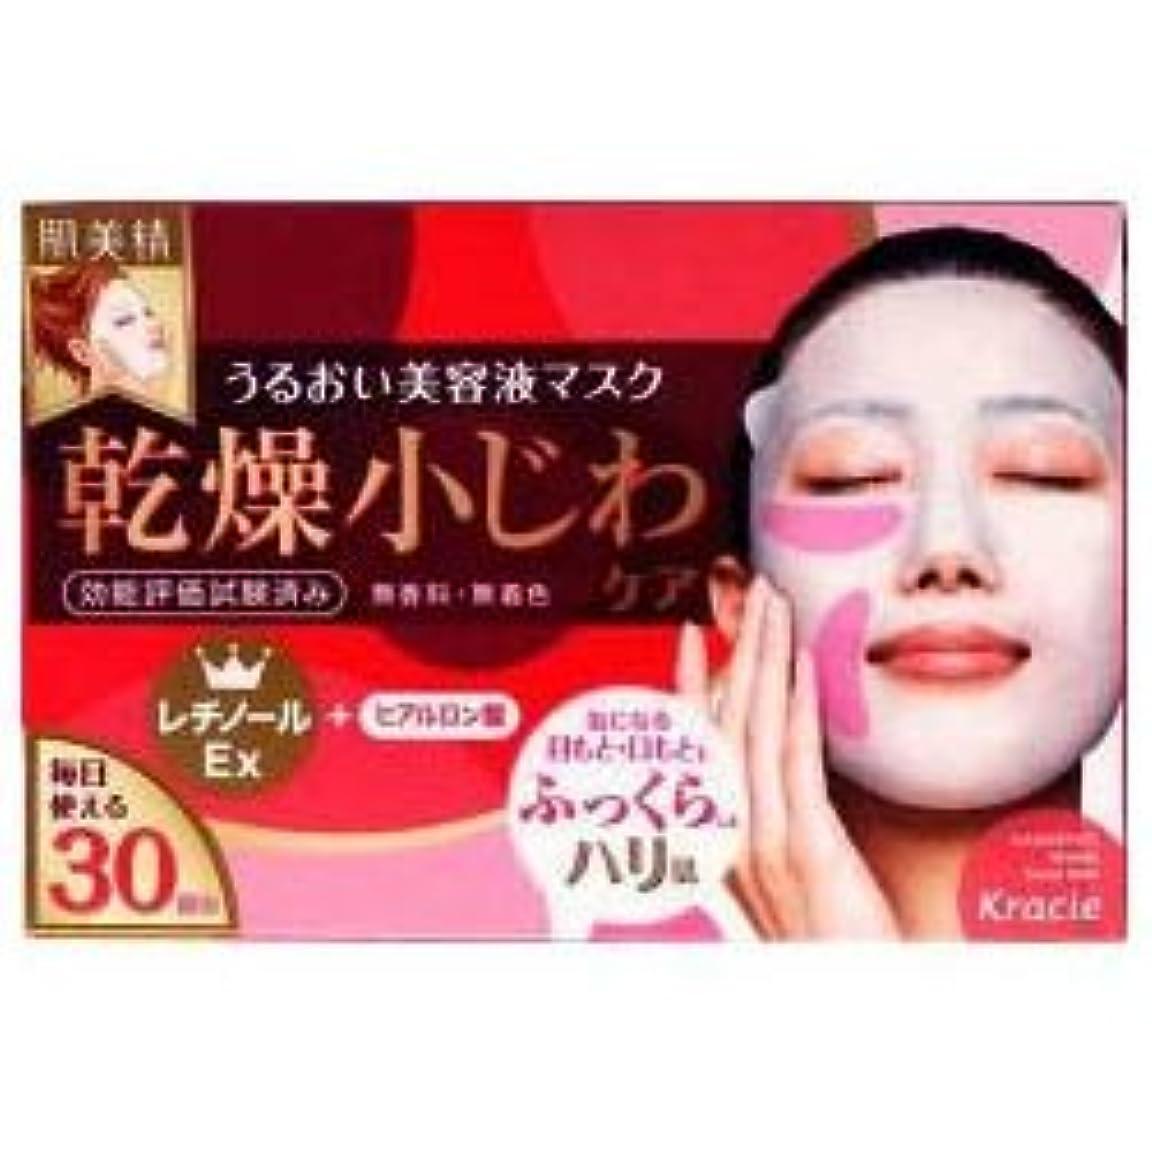 脱走枕フラスコ【クラシエ】肌美精 デイリーリンクルケア美容液マスク 30枚 ×10個セット